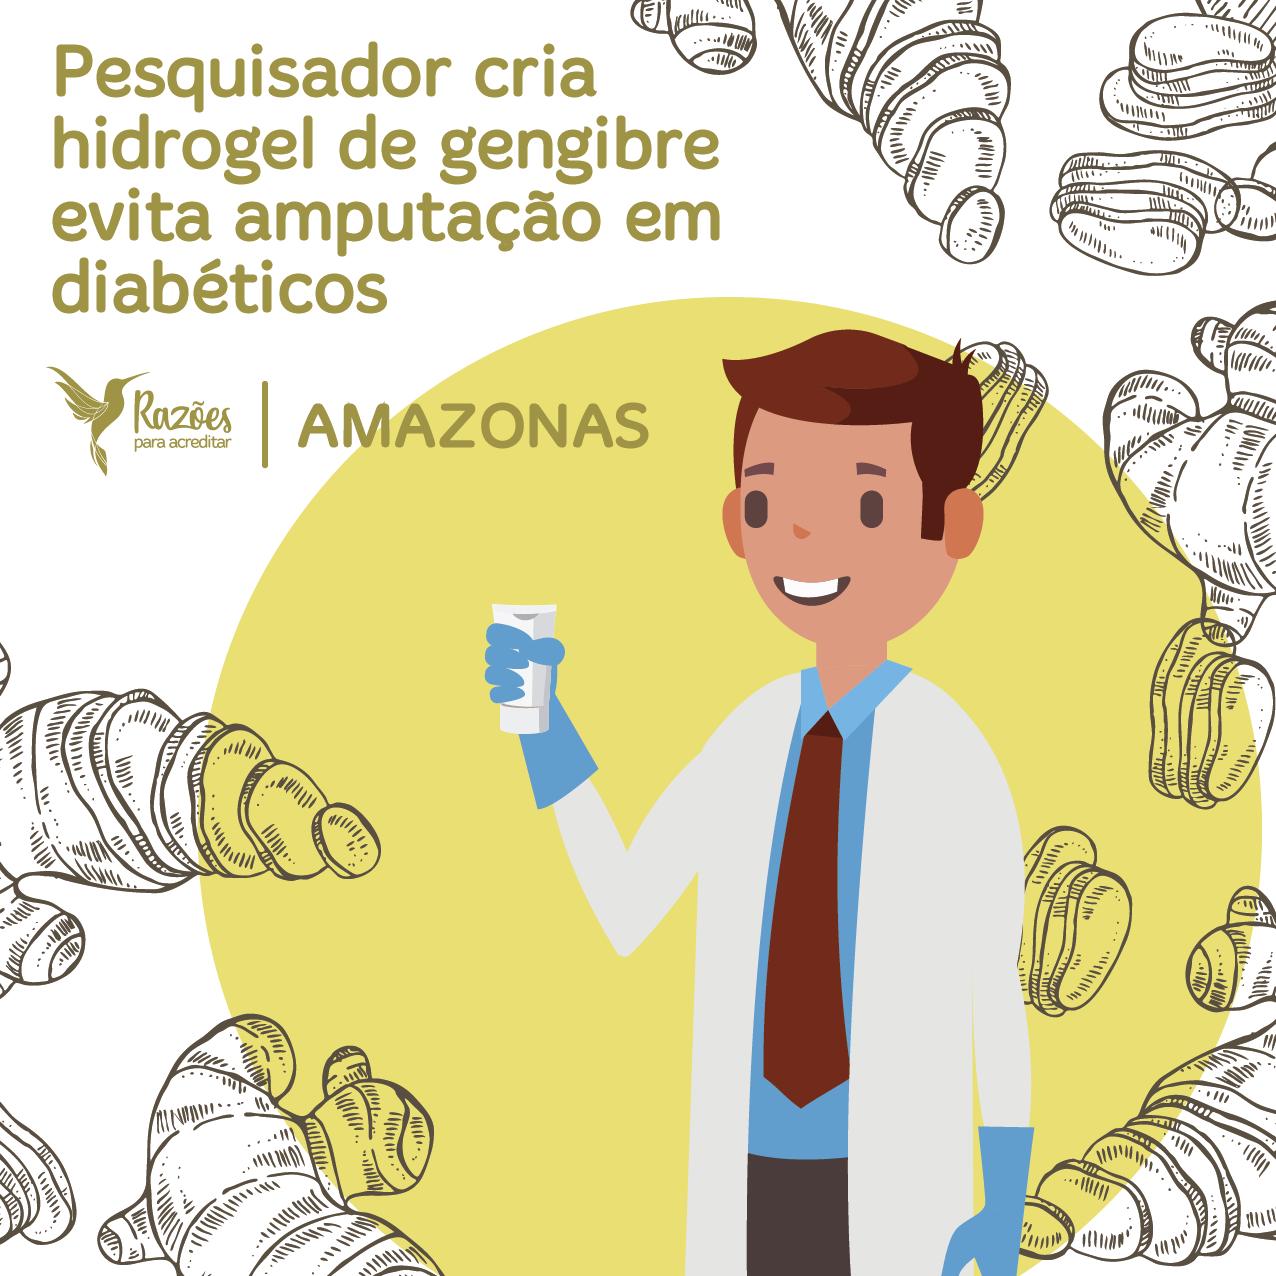 boas notícias ilustrações razões para acreditar - amazonas